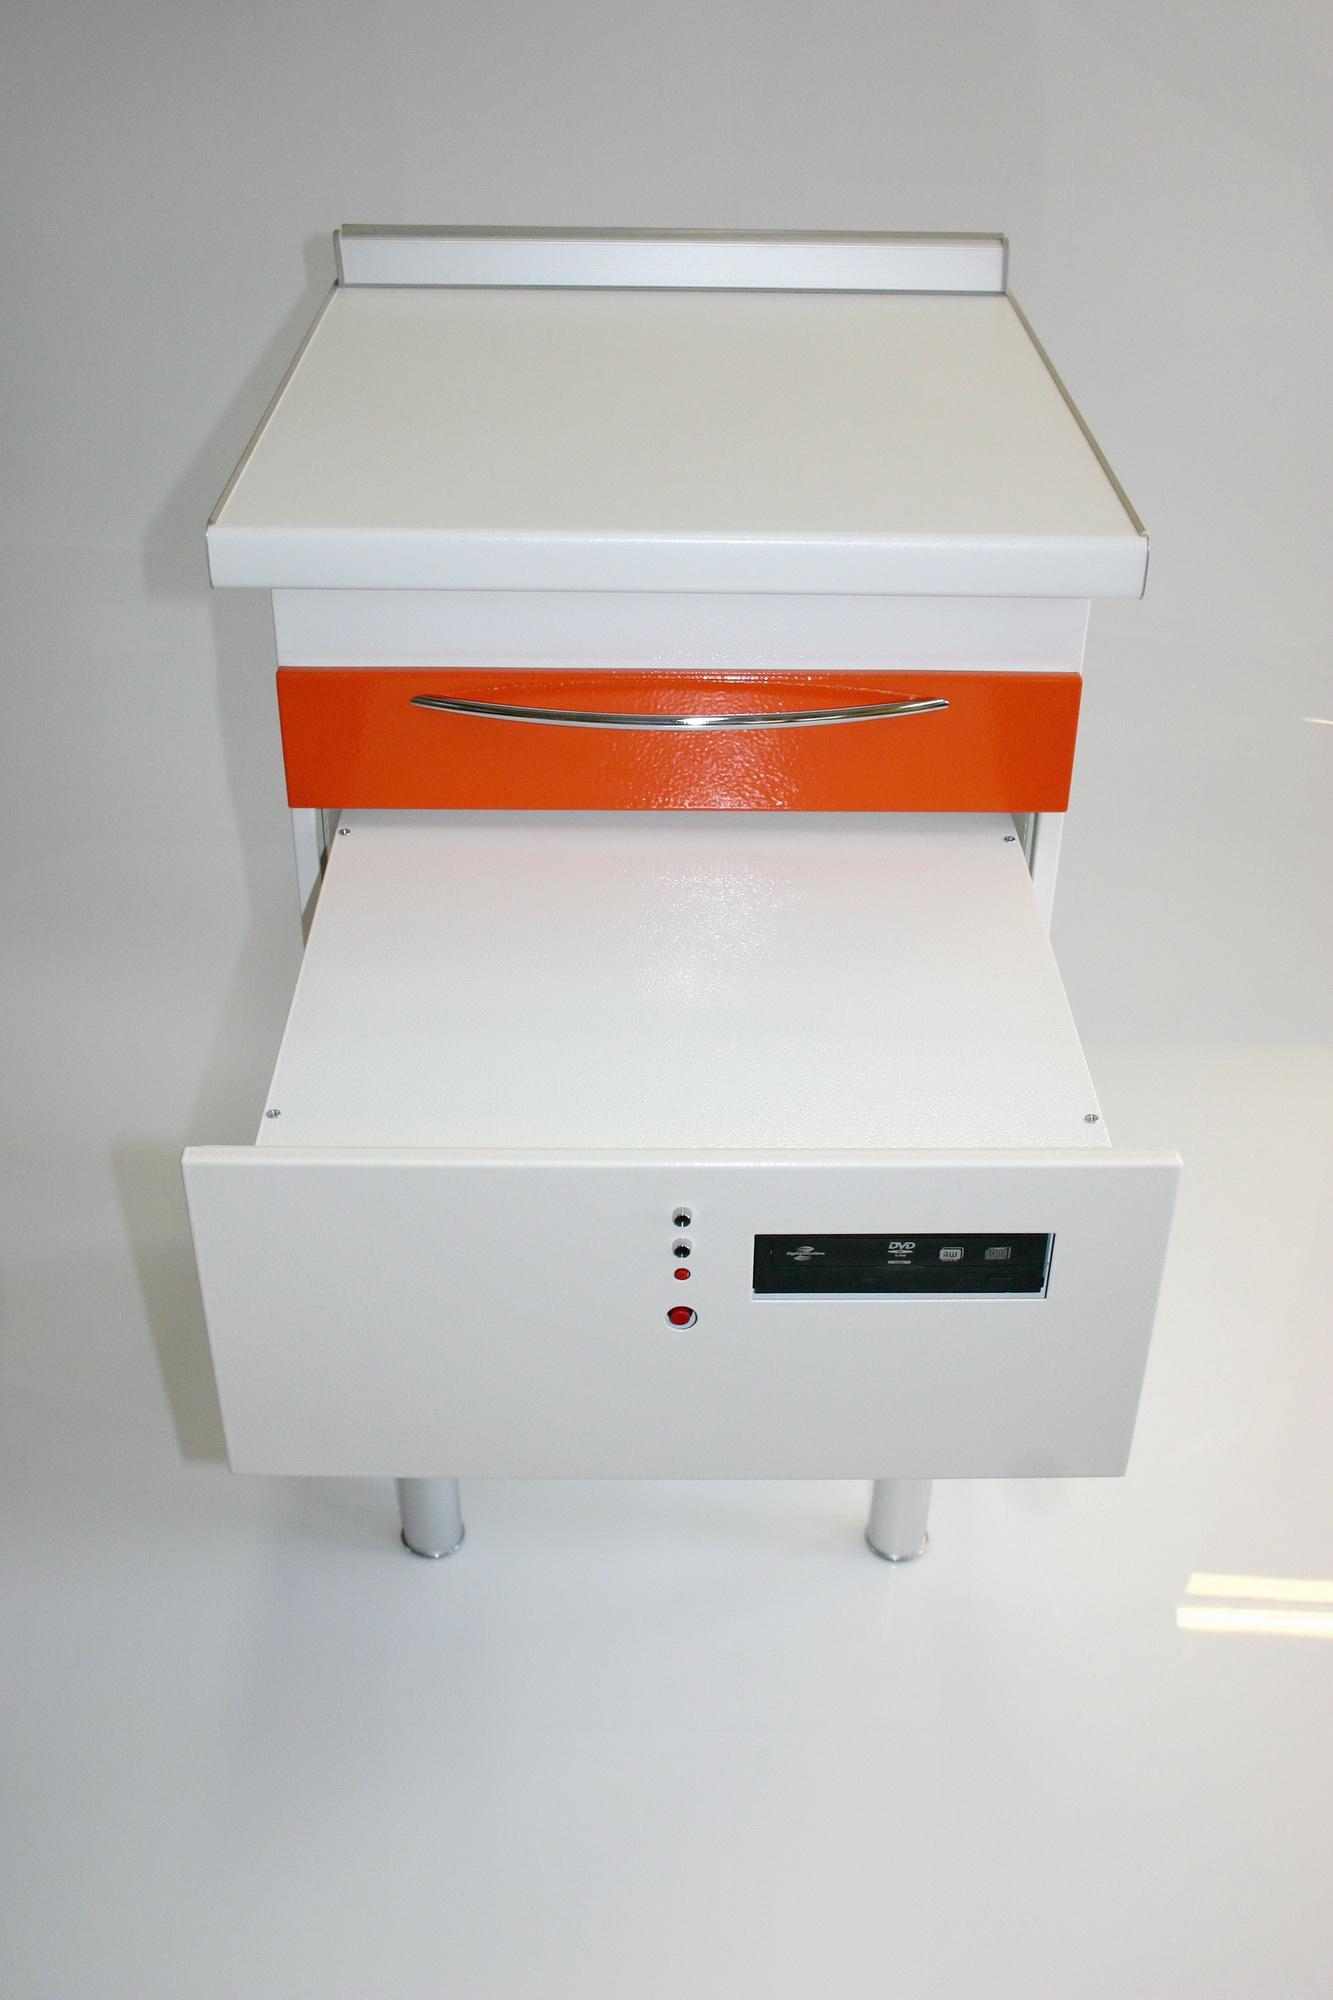 Открыт ящик в котором размещен процессор, но сам ящик закрыт металлическим щитом на 4х винтиках